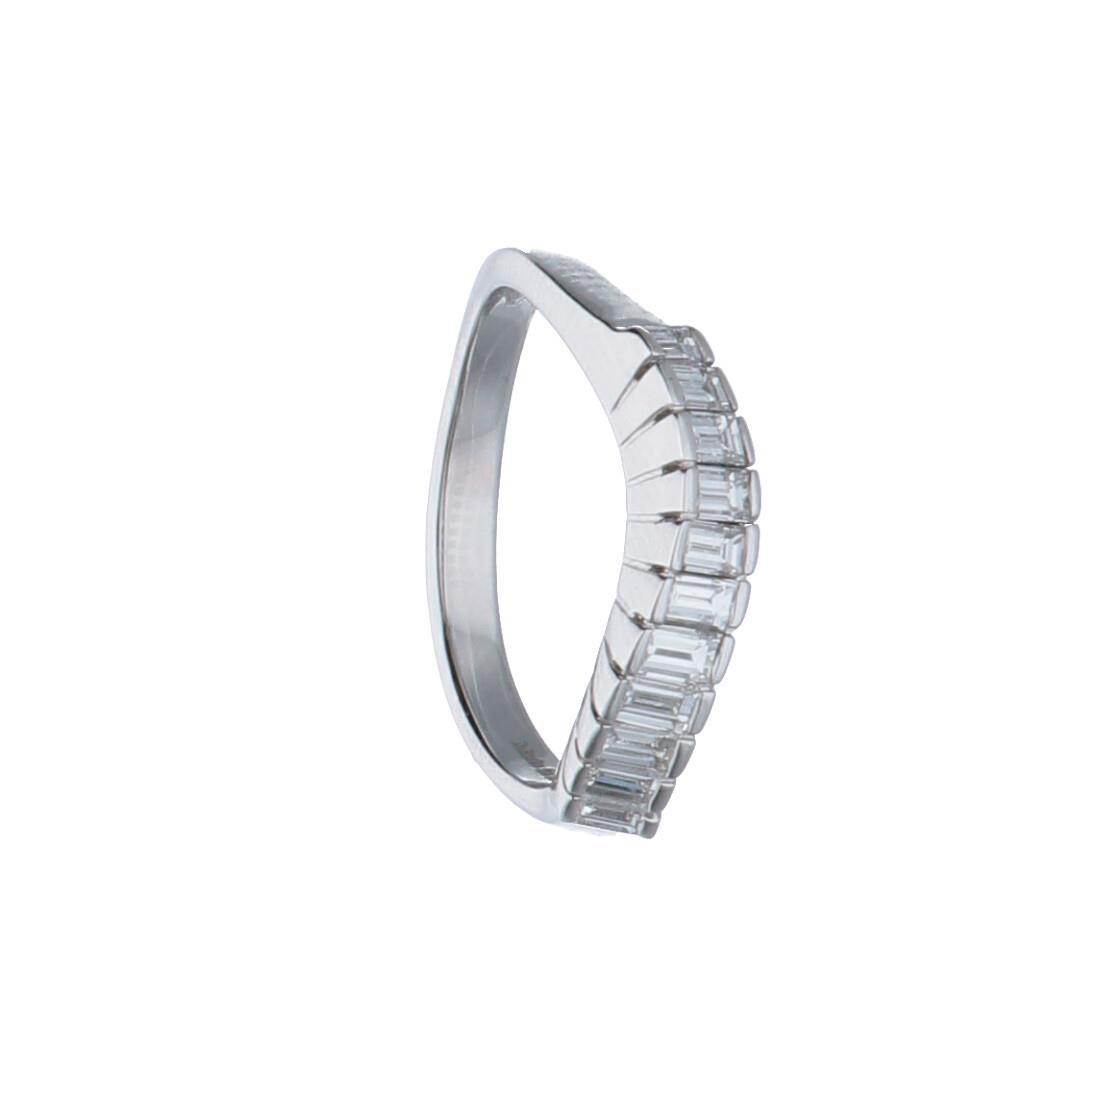 Anello in oro bianco con diamanti ct 0.55 - ALFIERI & ST. JOHN